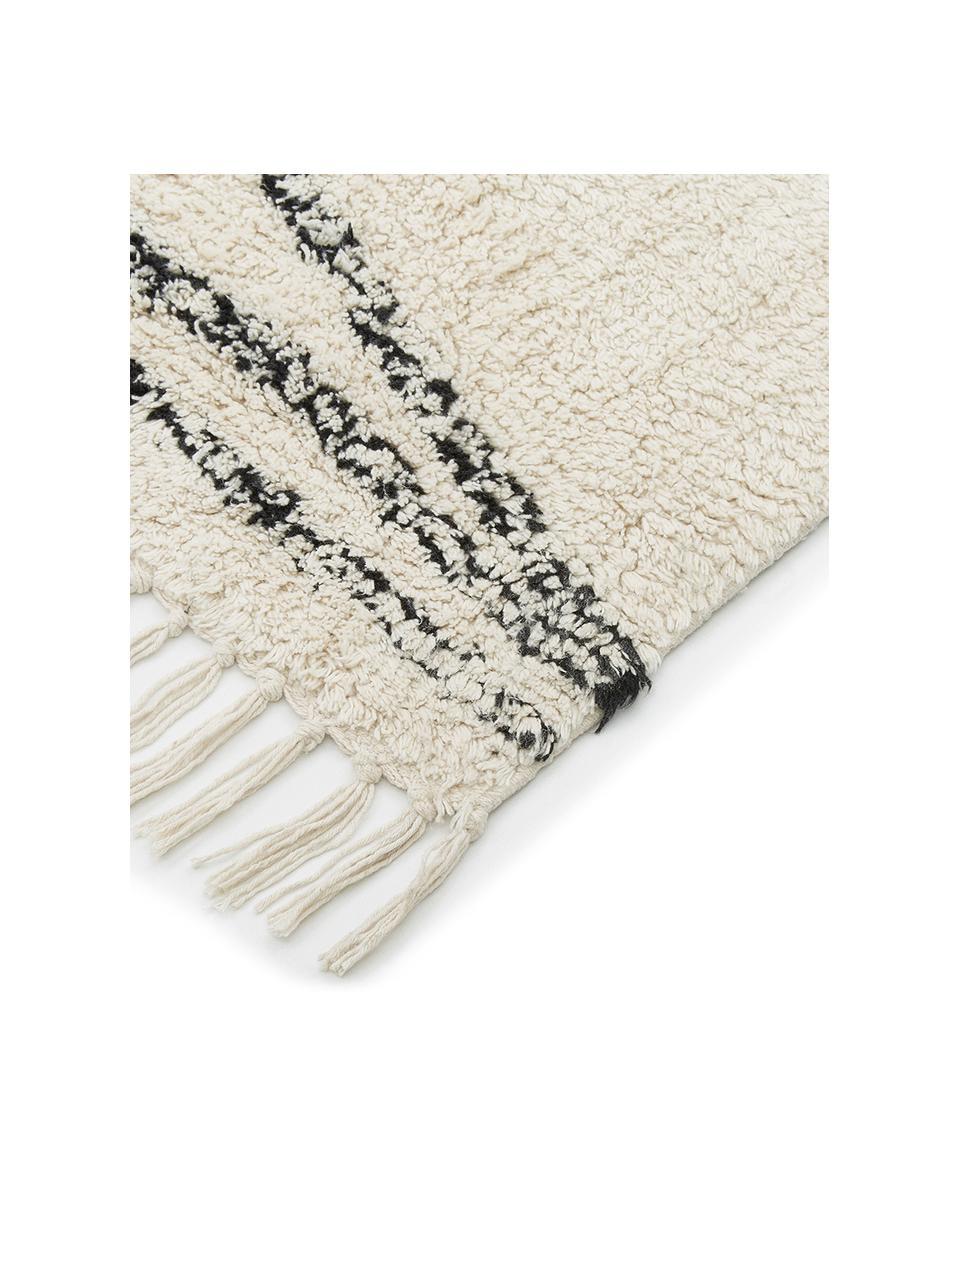 Handgetufteter Baumwollteppich Asisa mit Zickzack-Muster und Fransen, 100% Baumwolle, Beige, Schwarz, B 200 x L 300 cm (Größe L)